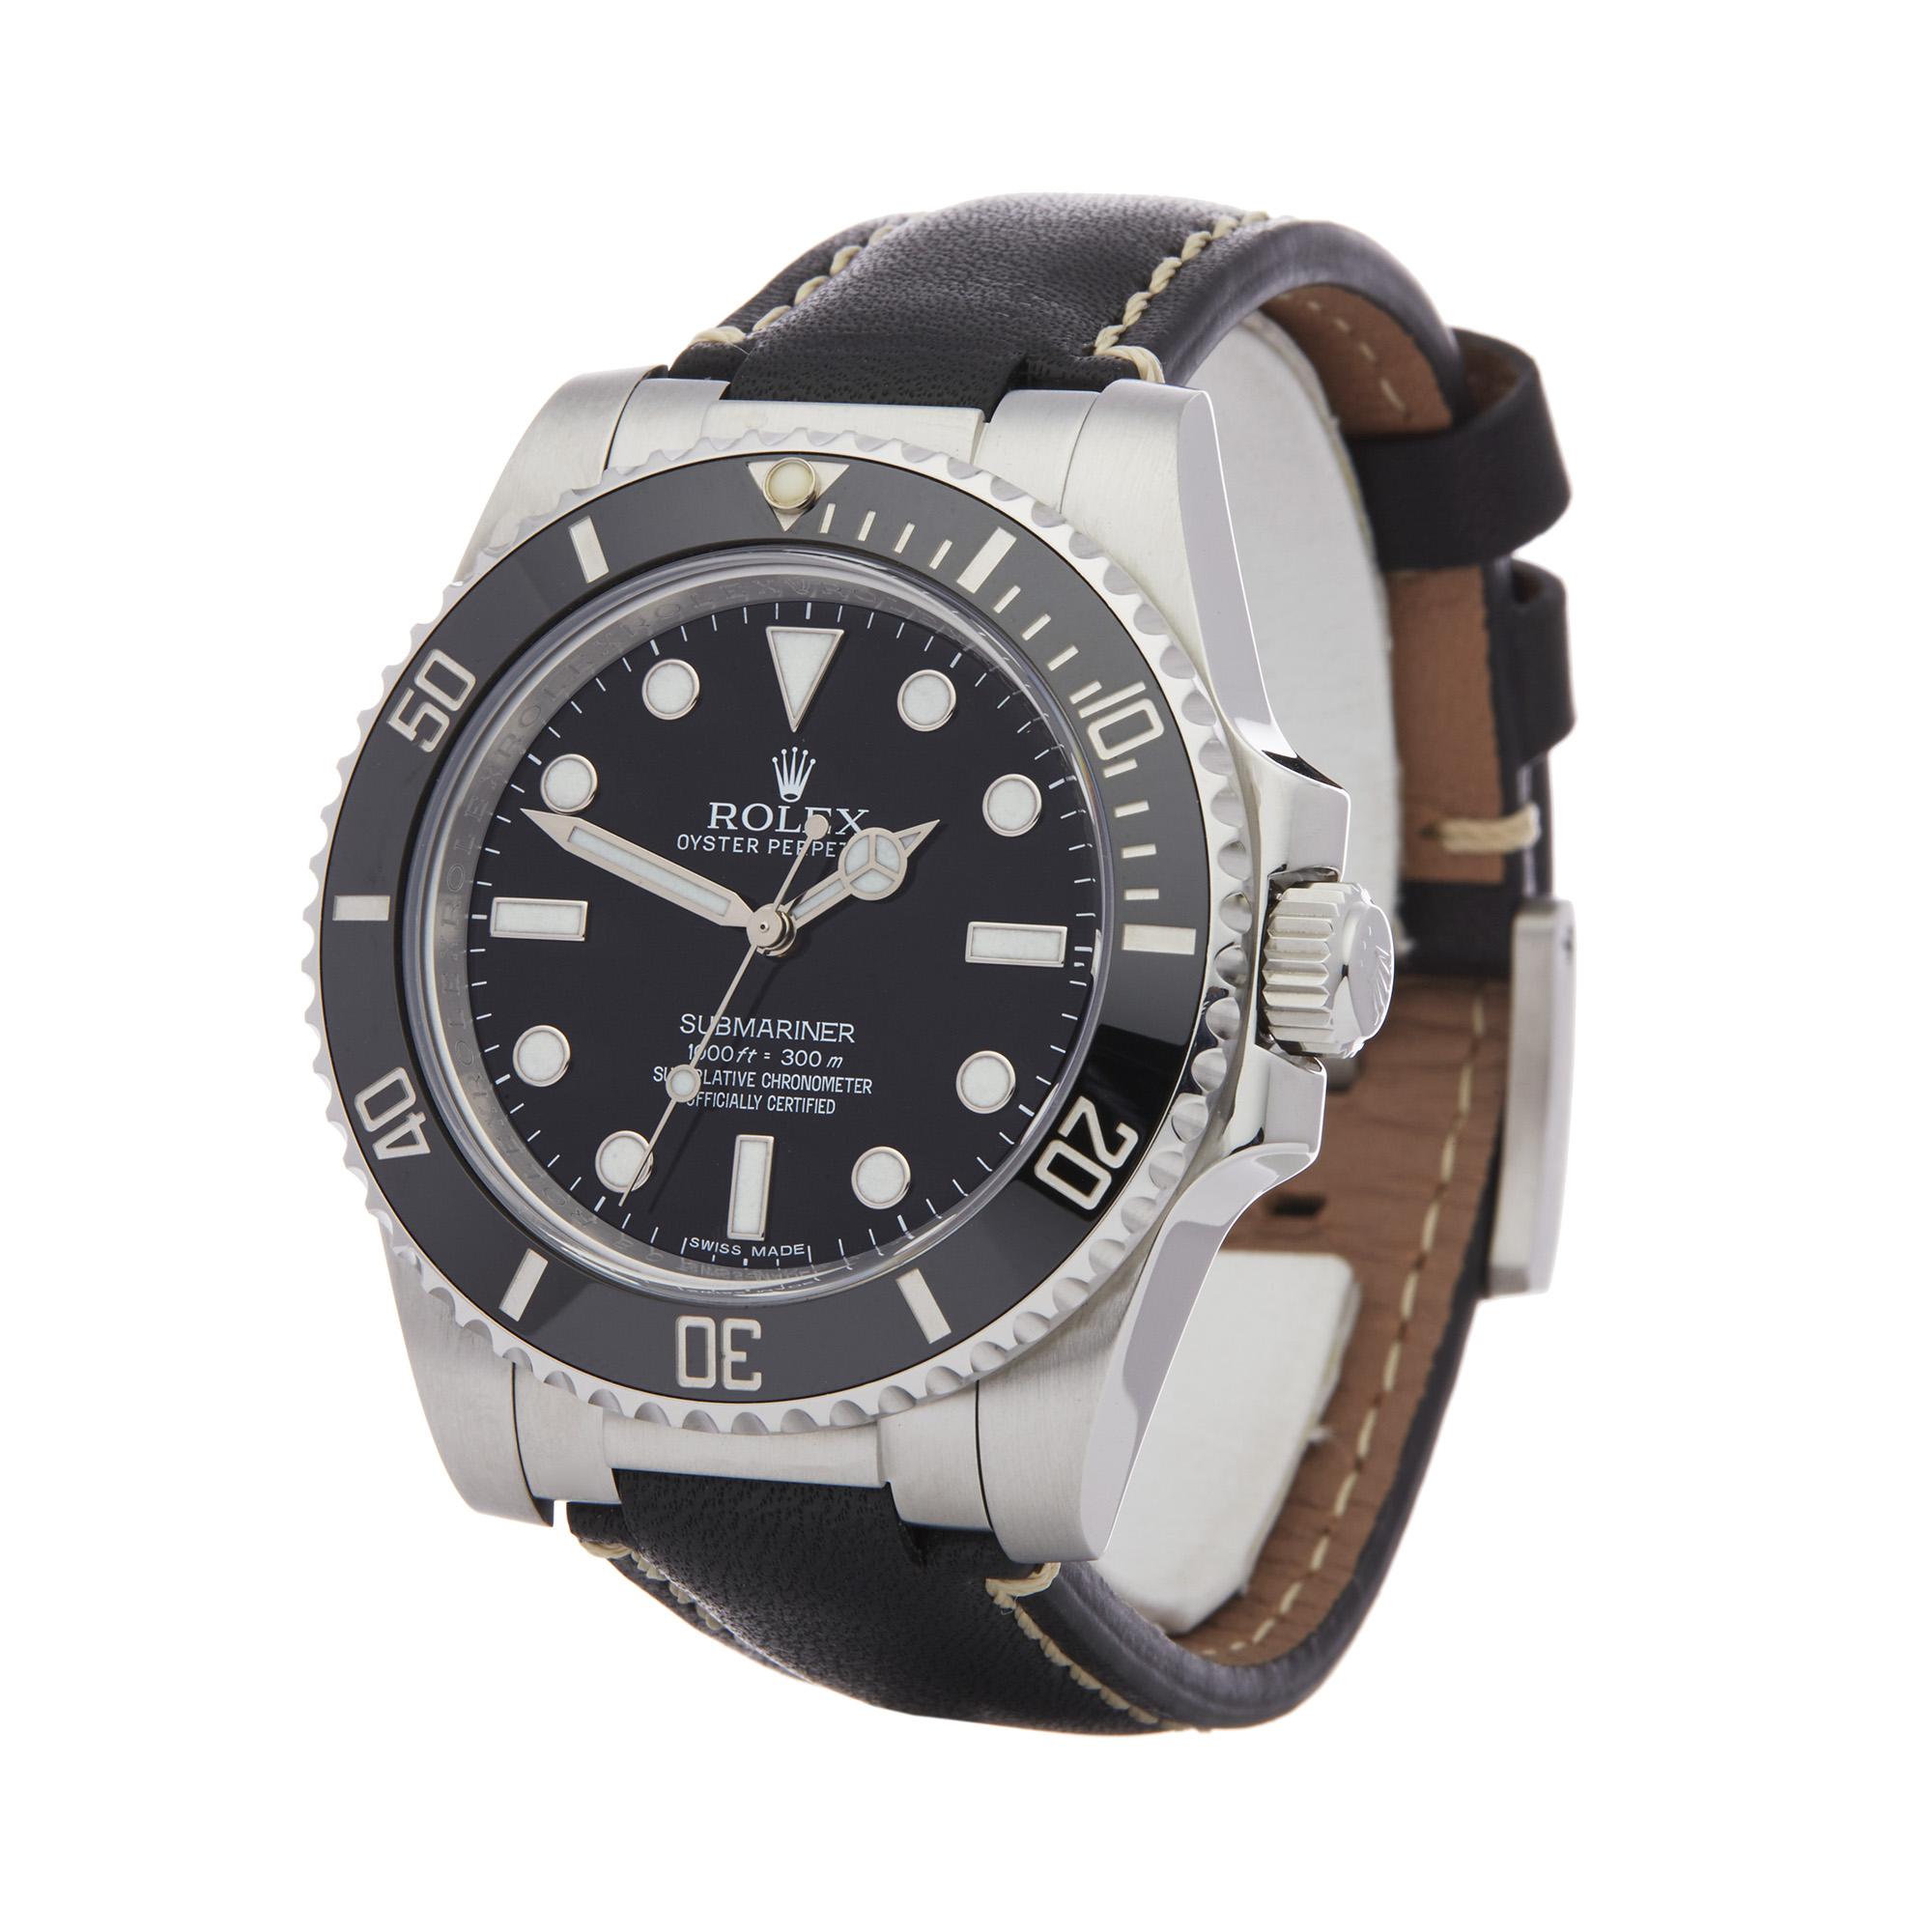 Rolex Submariner No Date 114060 Men Stainless Steel Watch